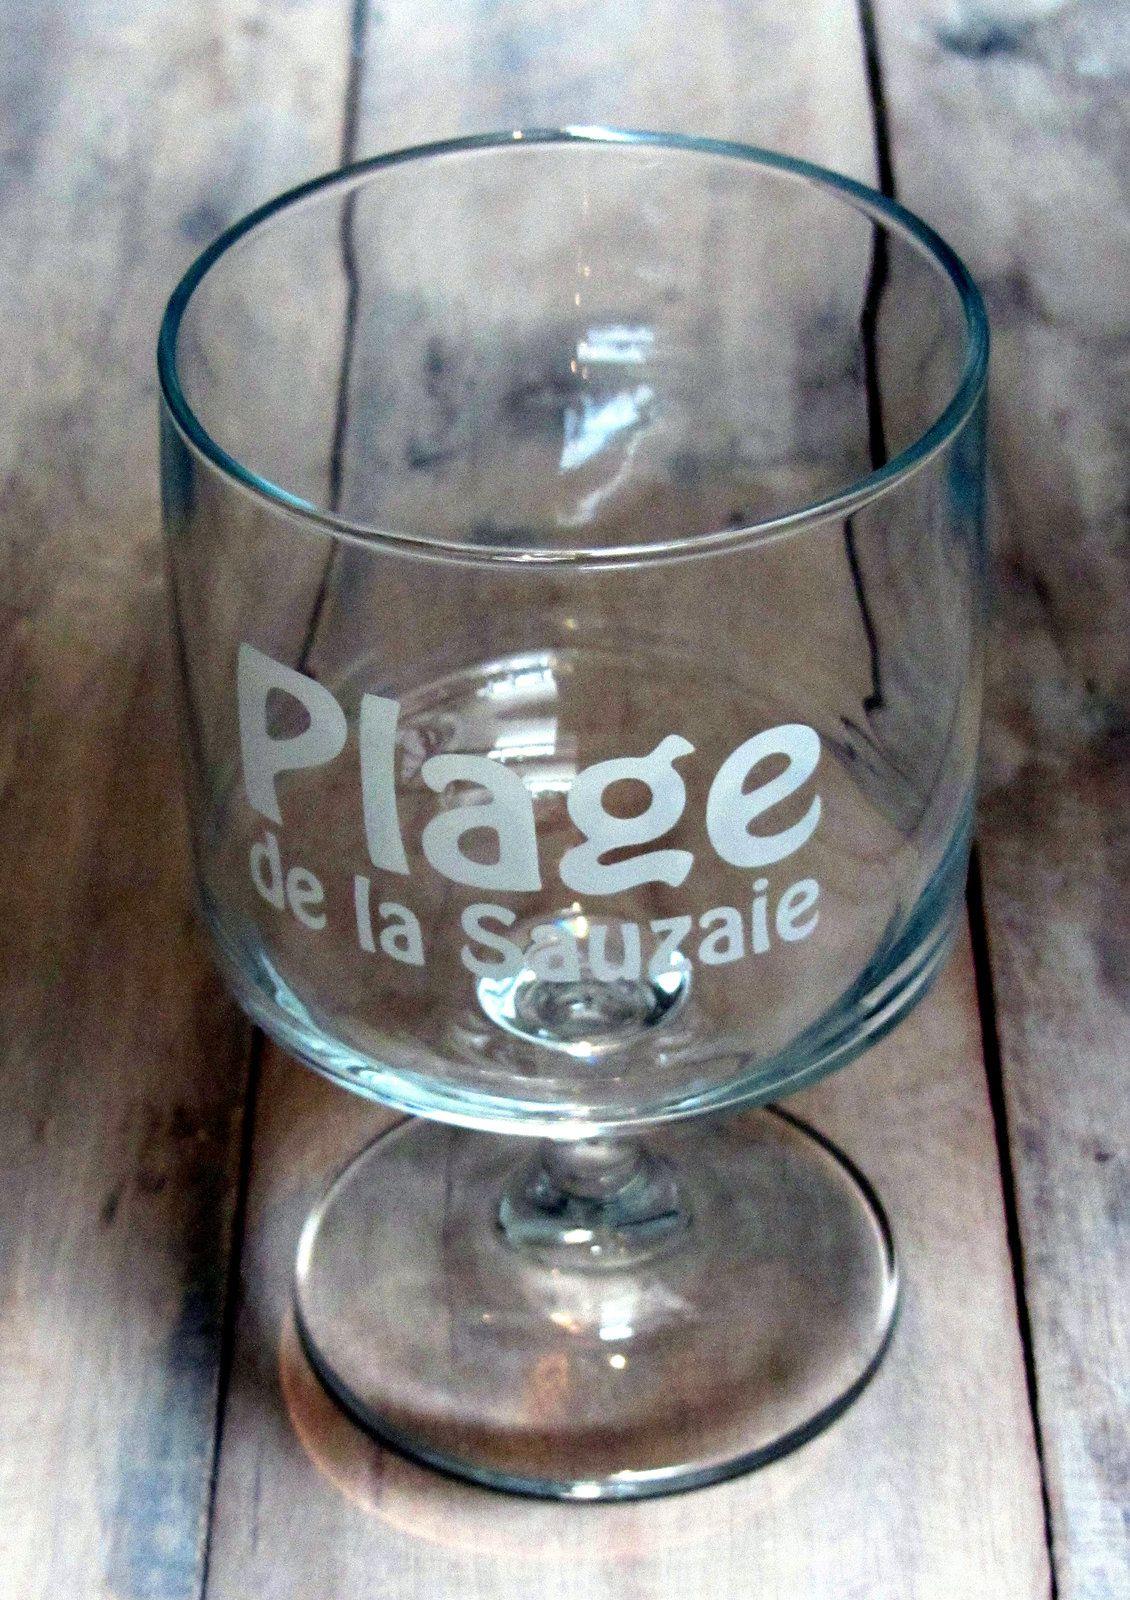 Décoration, Cadeau, Brétignolles-Sur-Mer, Saint-Gilles-Croix-de-Vie...